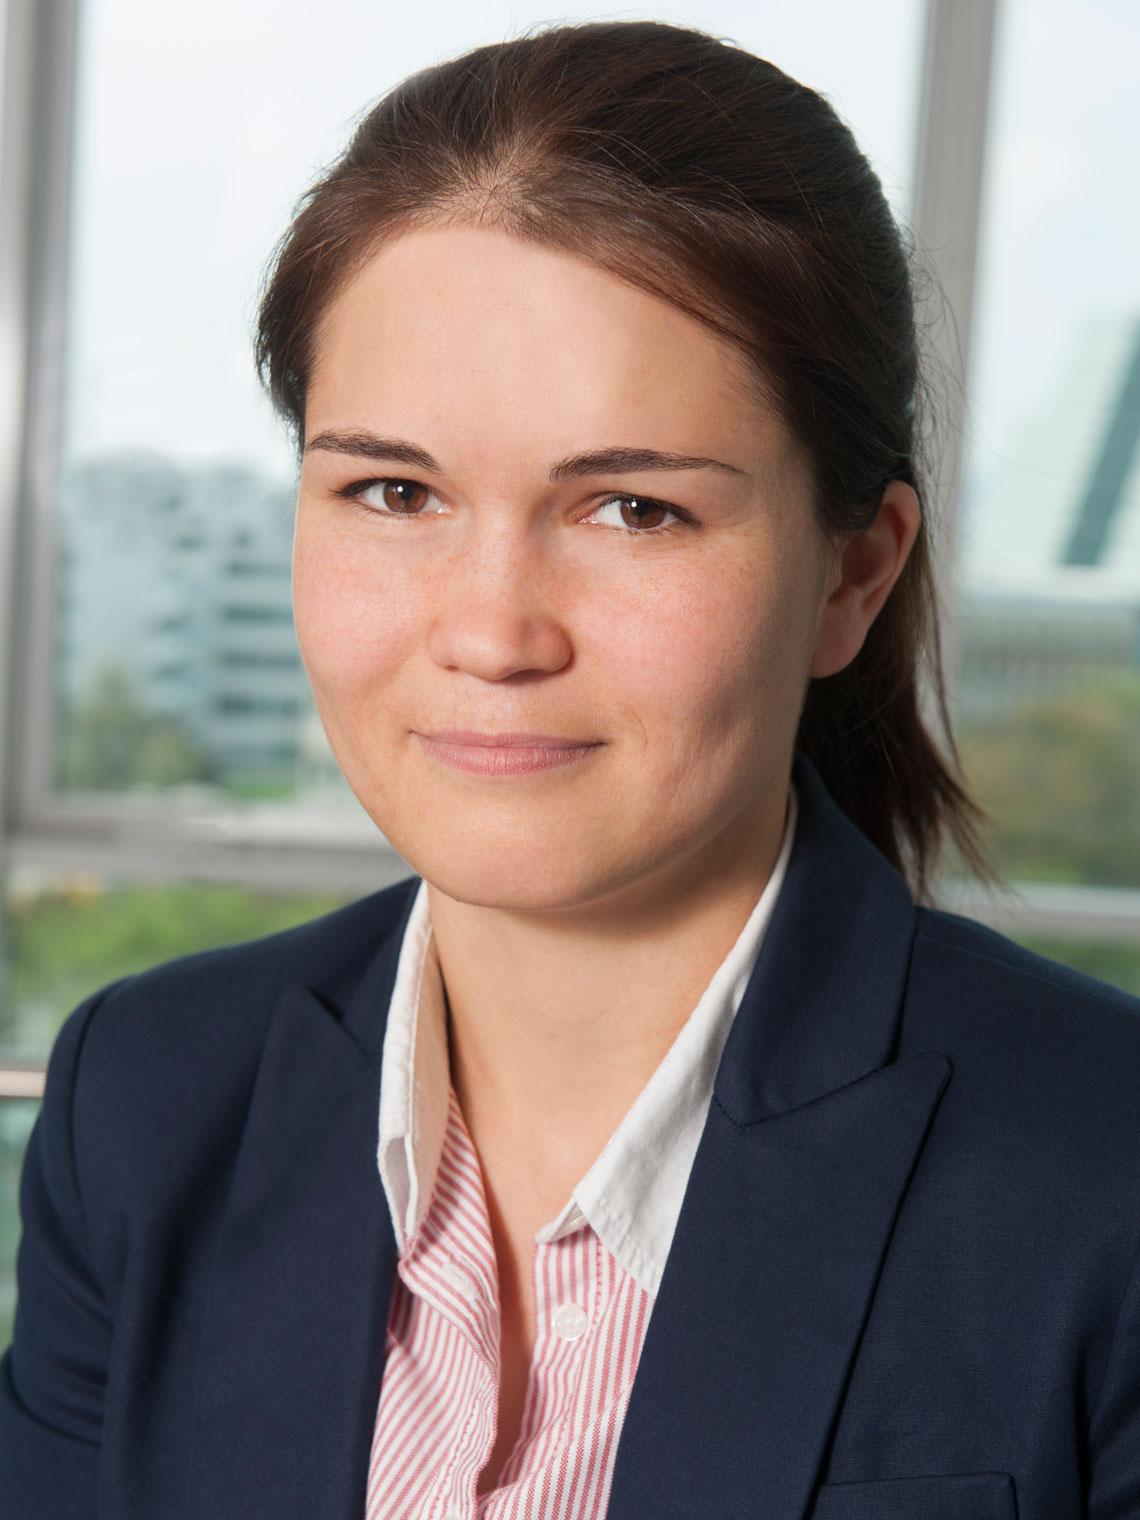 Tara Esterl Profilbild